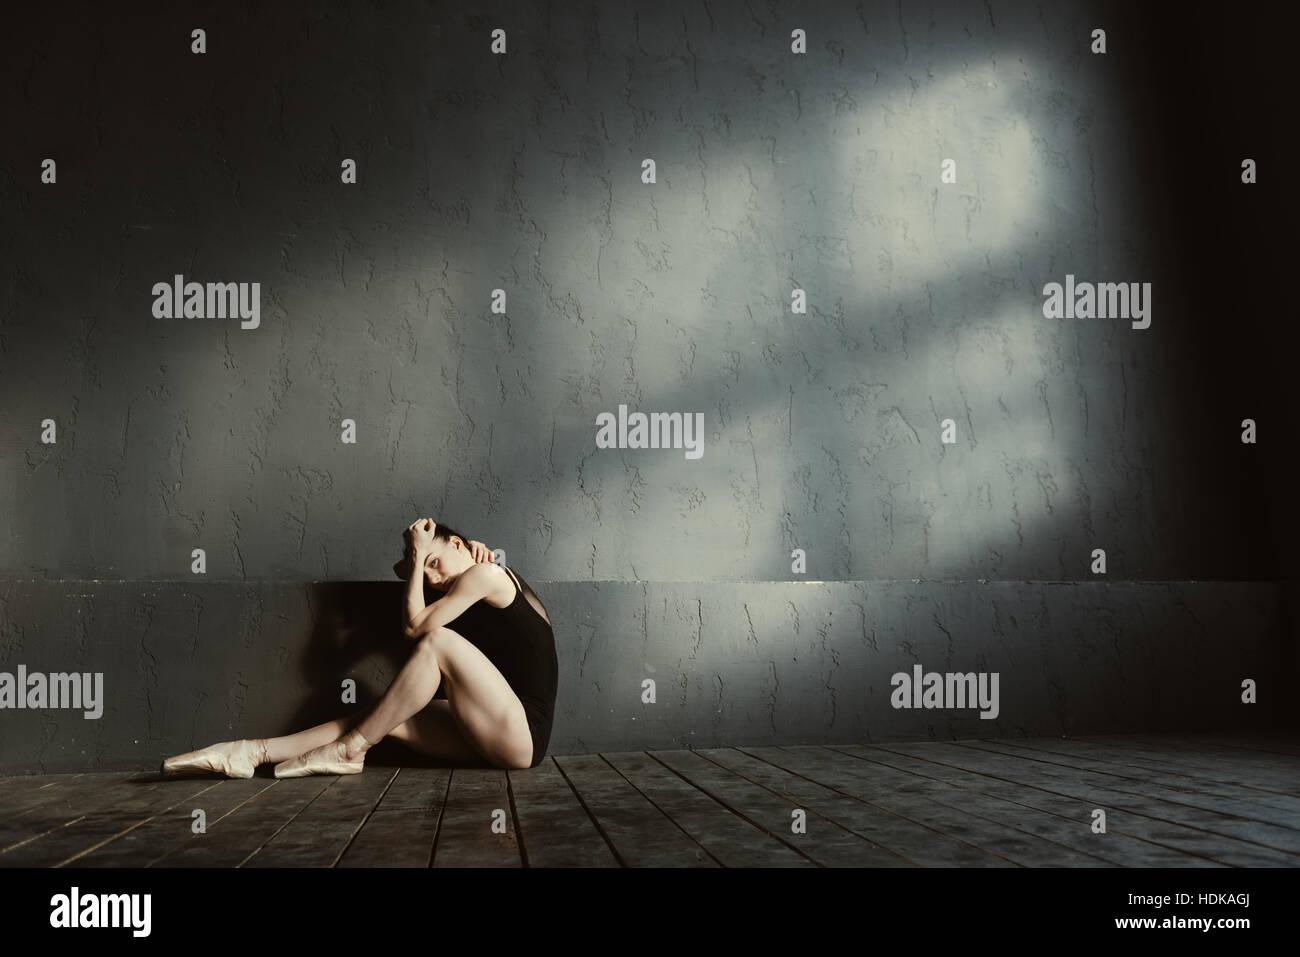 Turbare i giovani seduta ginnasta isolato nel buio stanza illuminata Foto Stock